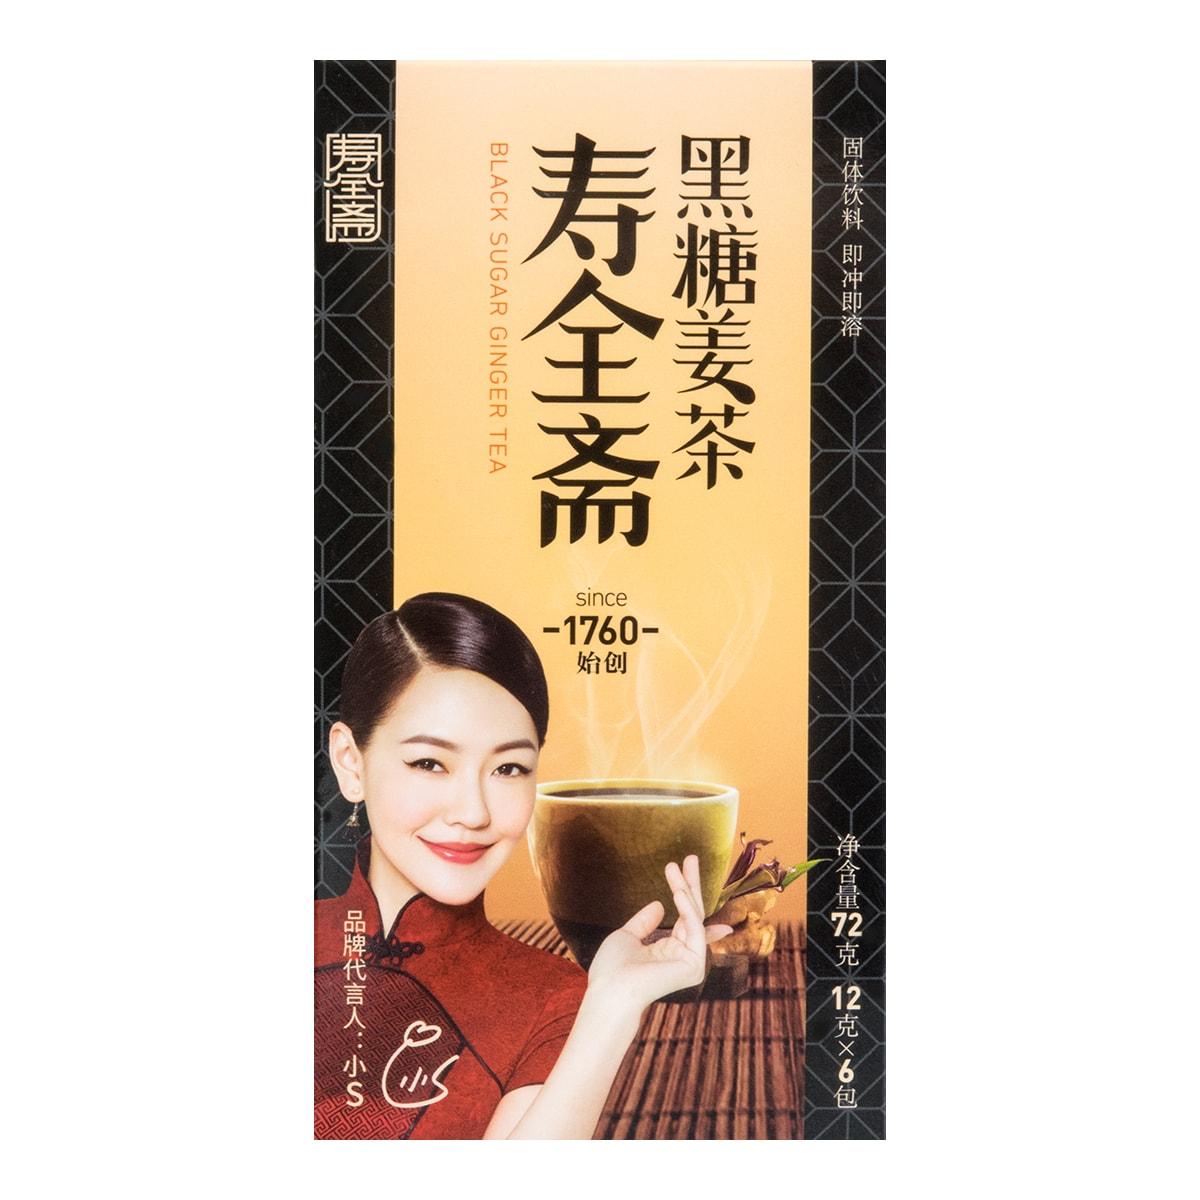 寿全斋 速溶姜汁暖贡姜茶 黑糖姜茶 12gx6条 72g